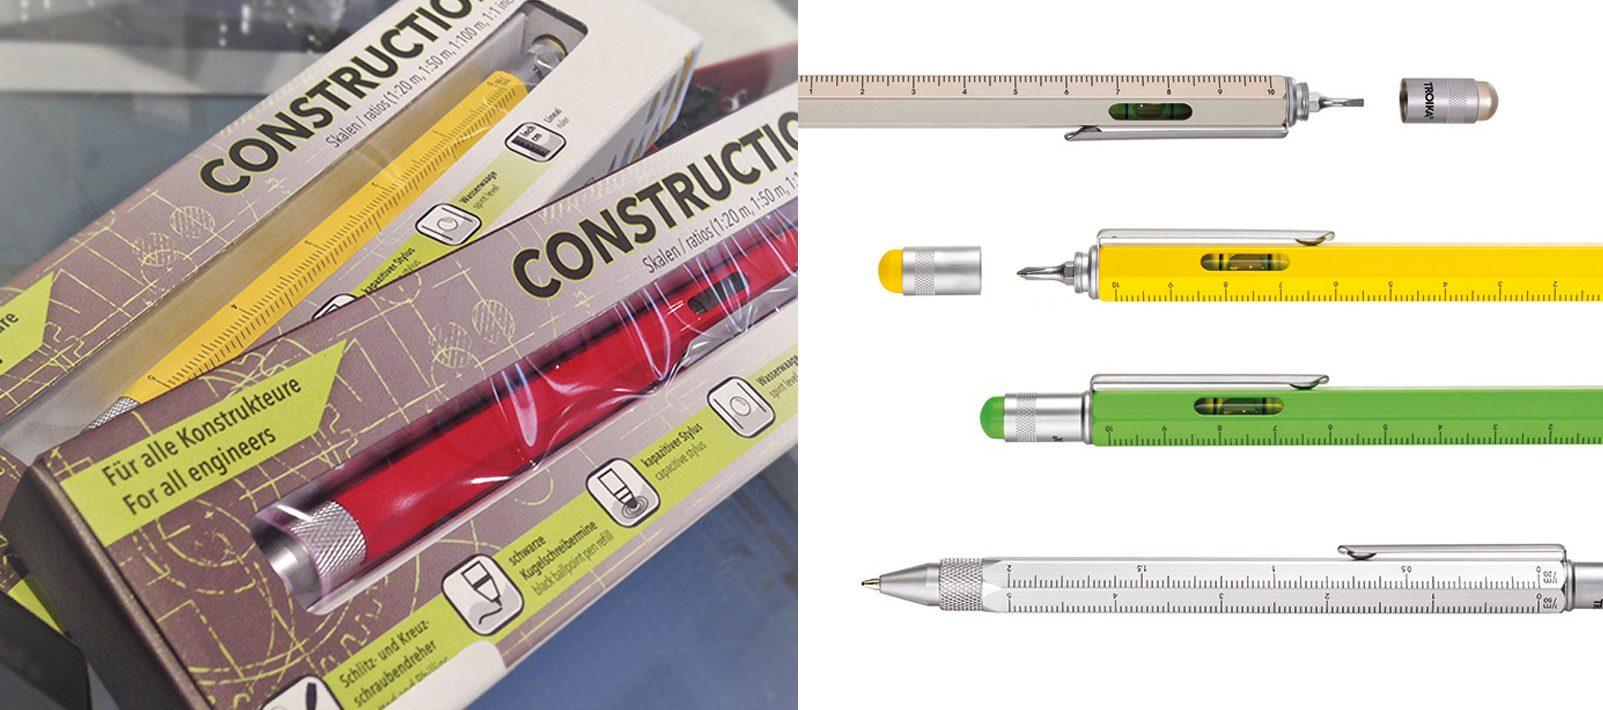 multifuncion construction boligrafo y portaminas